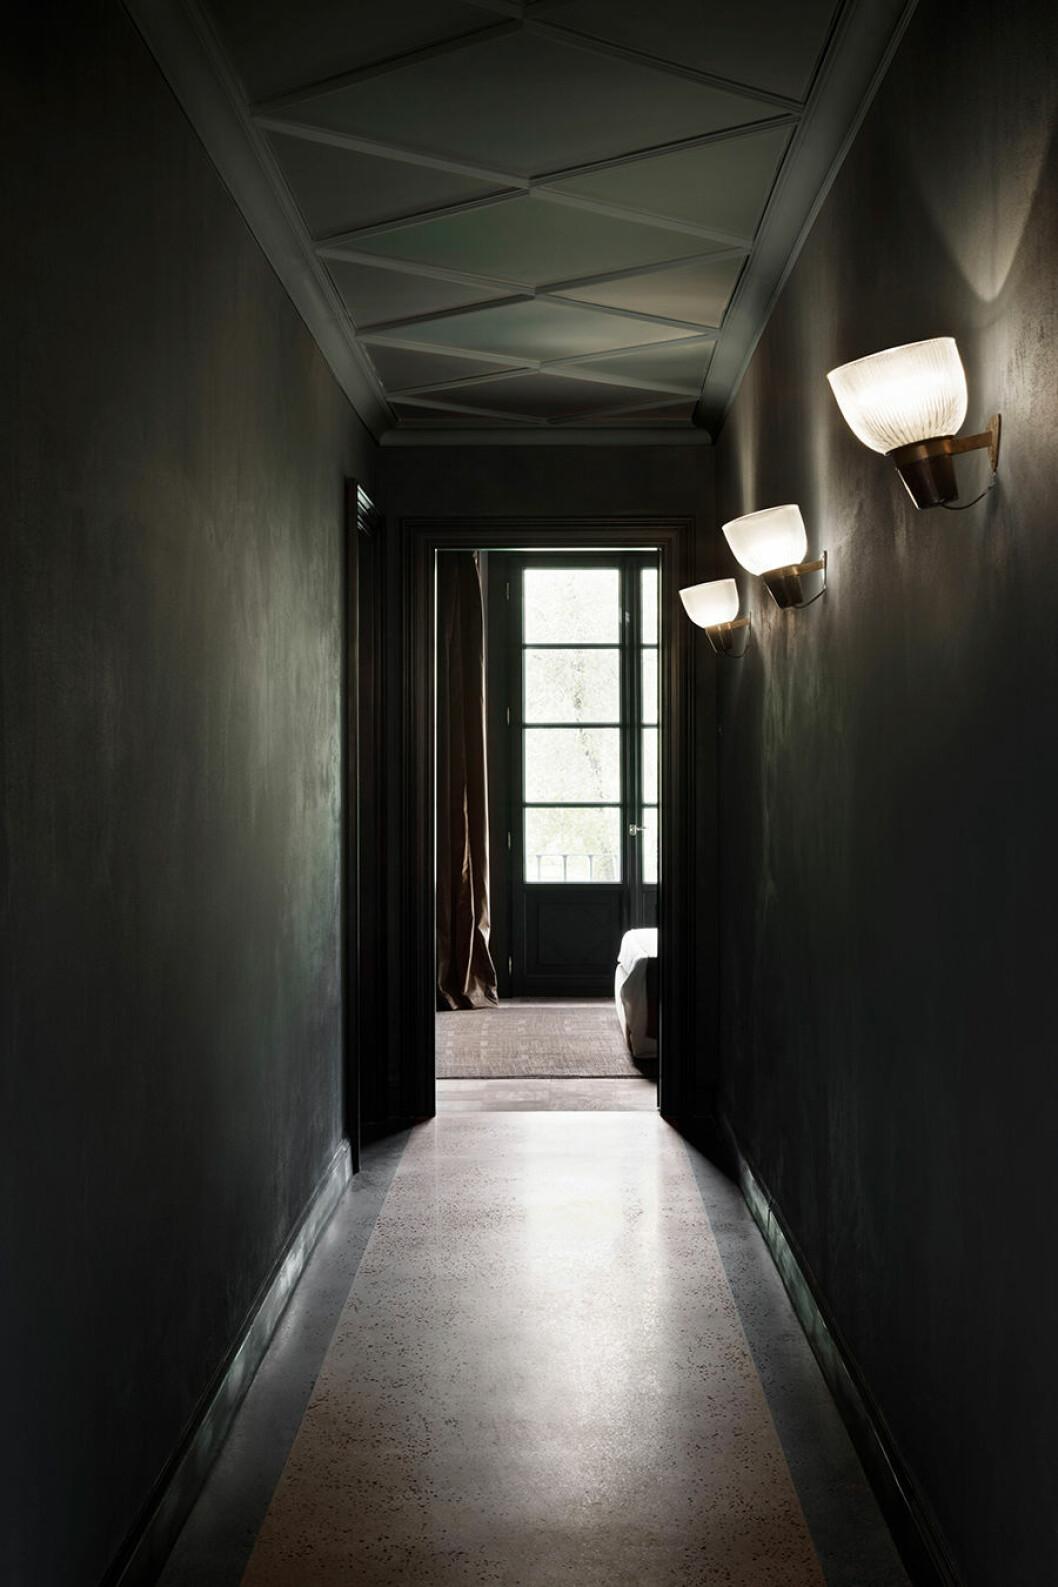 sister hotel korridor 2